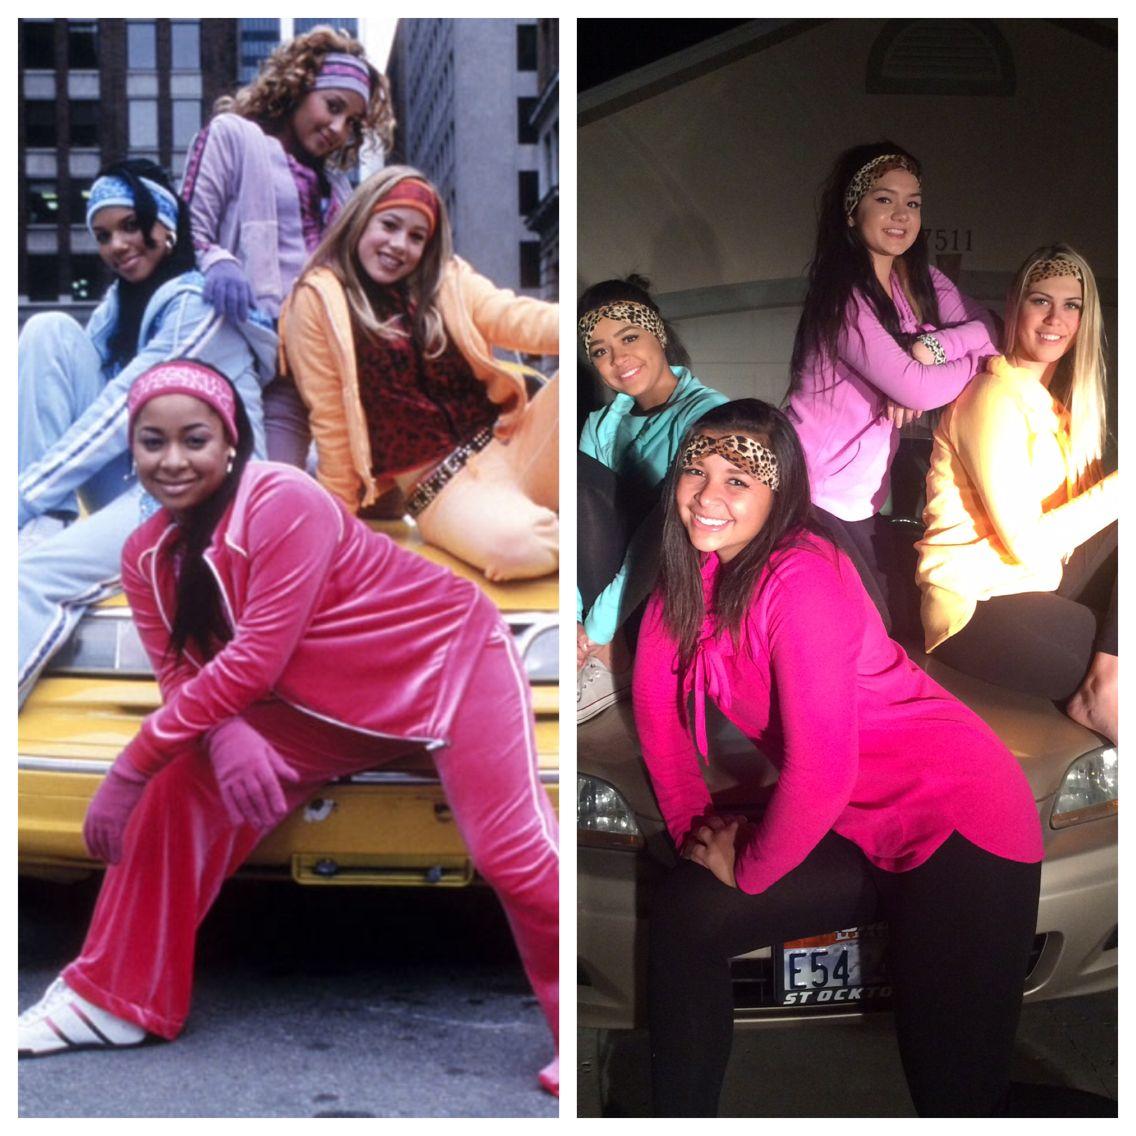 cheetah girls costume costume halloween teen party cheetahgirls girls - Girls Halloween Party